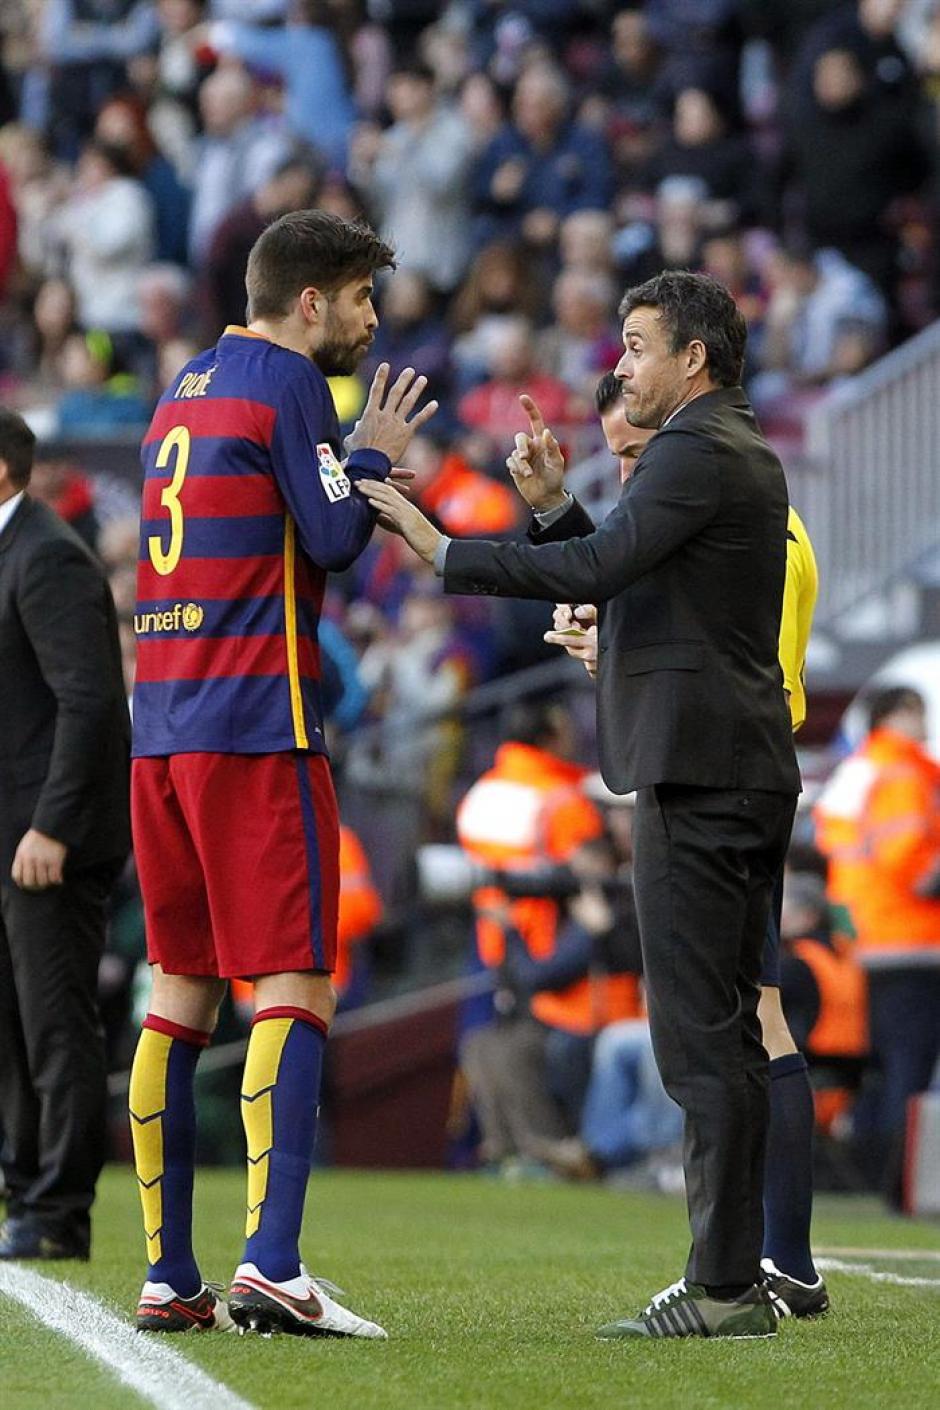 Piqué recibe las indicaciones del técnico Luis Enrique, a un costado del campo.(Foto: EFE)